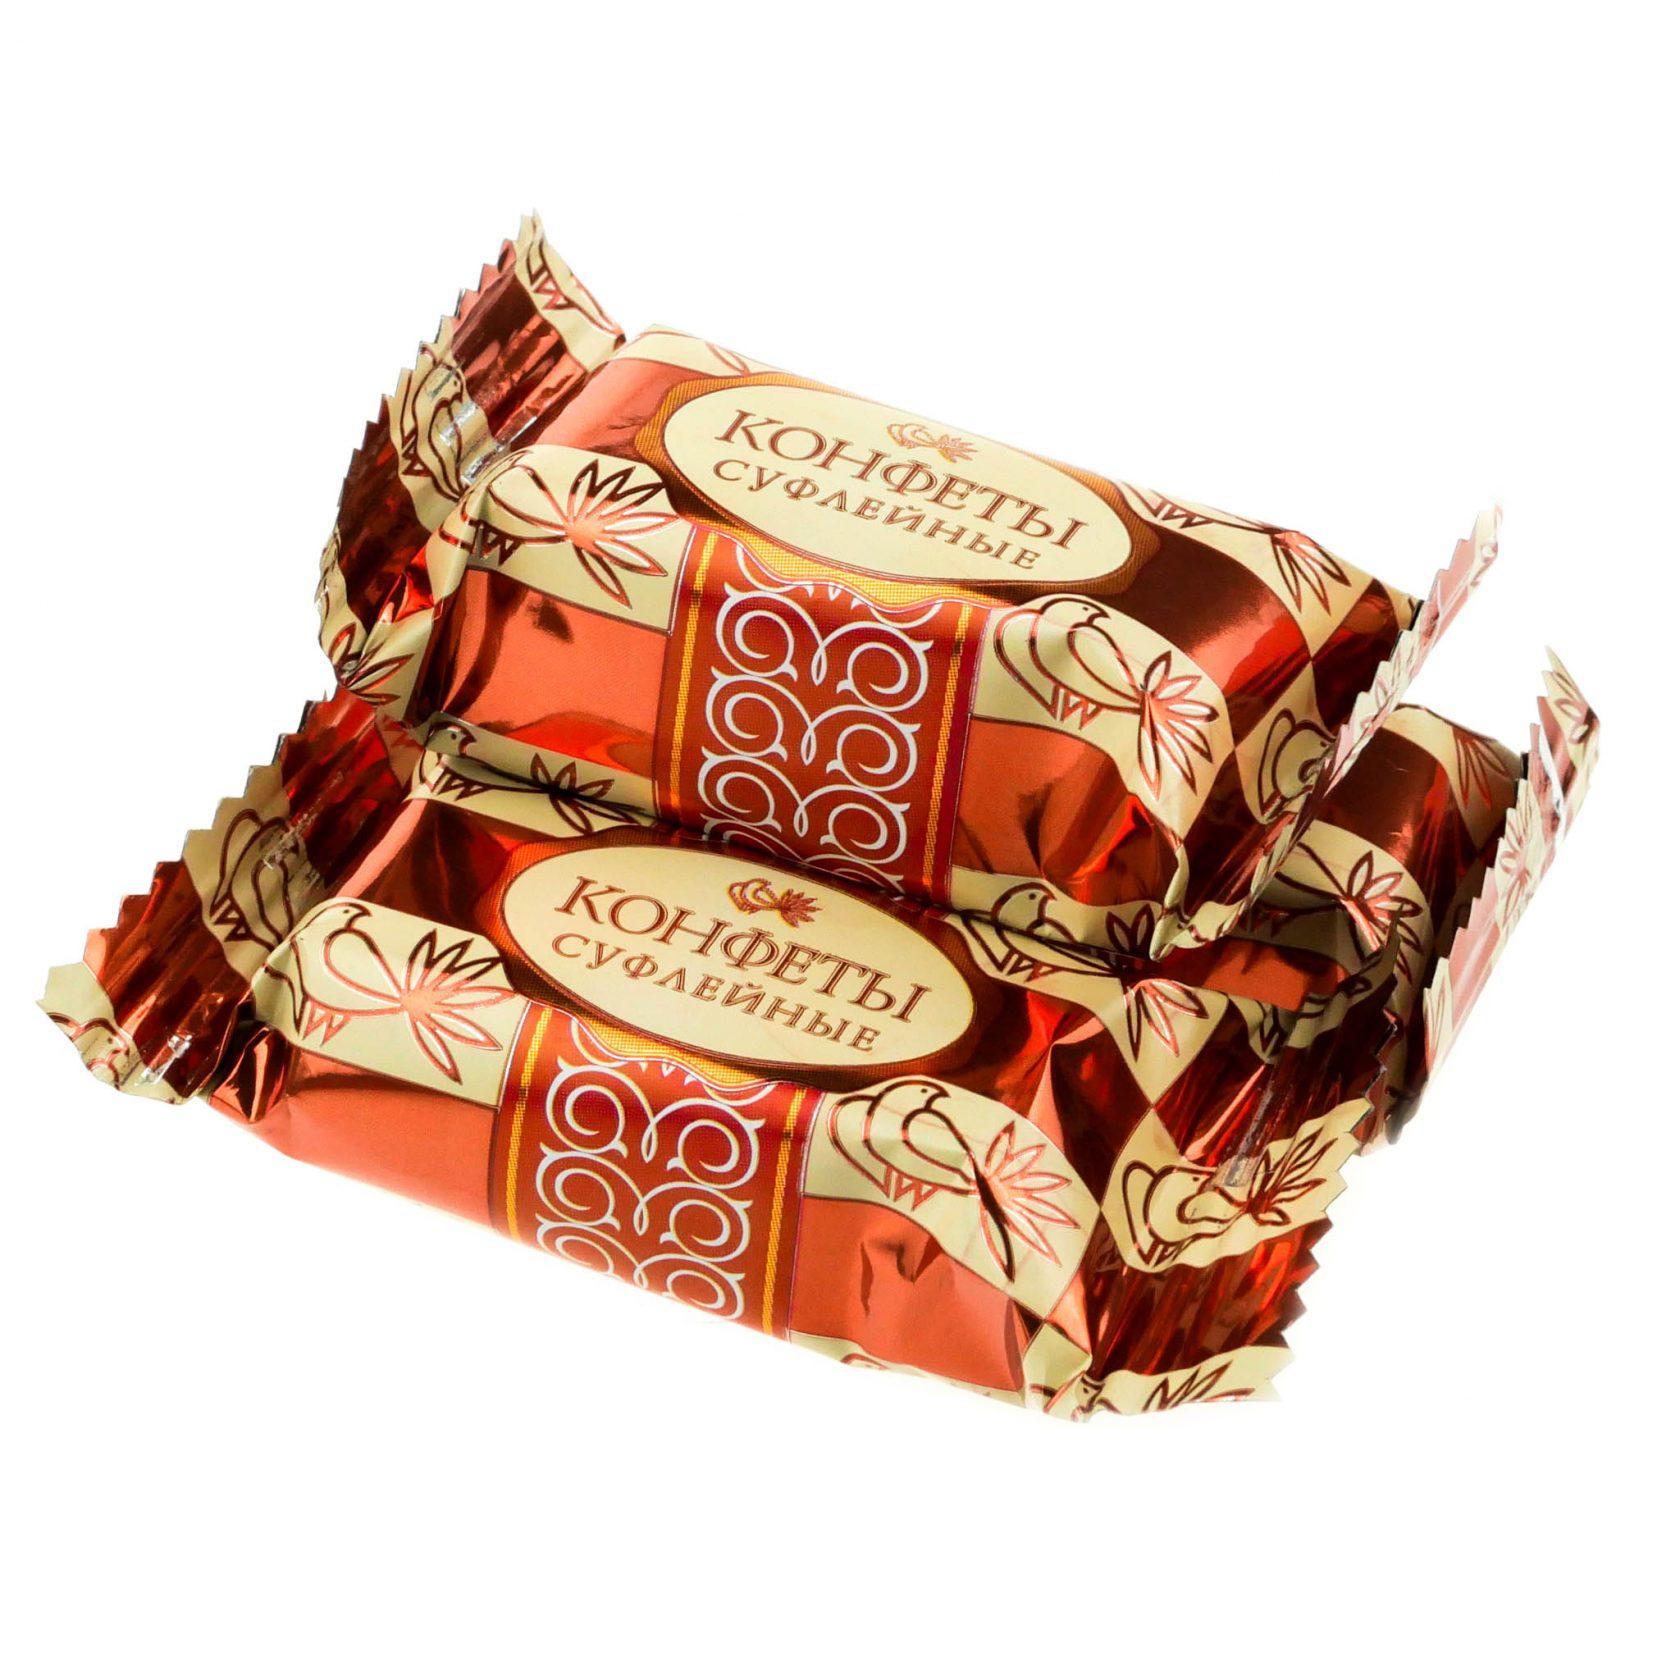 Конфеты «Суфлейные» 300 гр